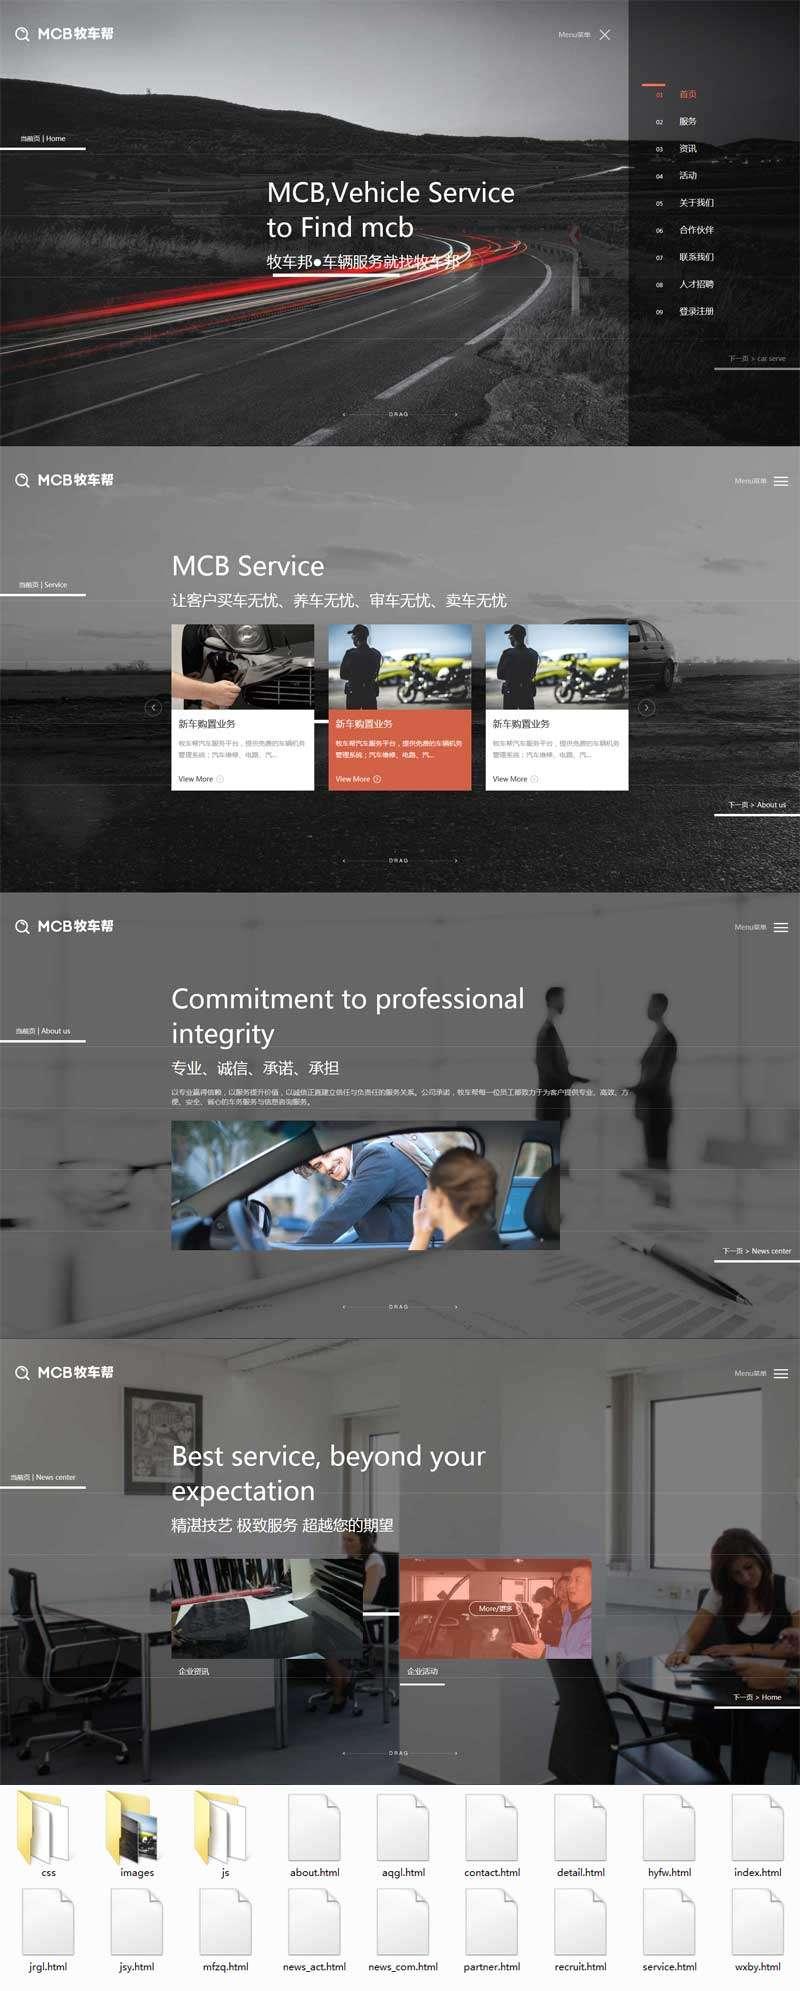 黑色全屏的4S店车辆服务公司官网模板